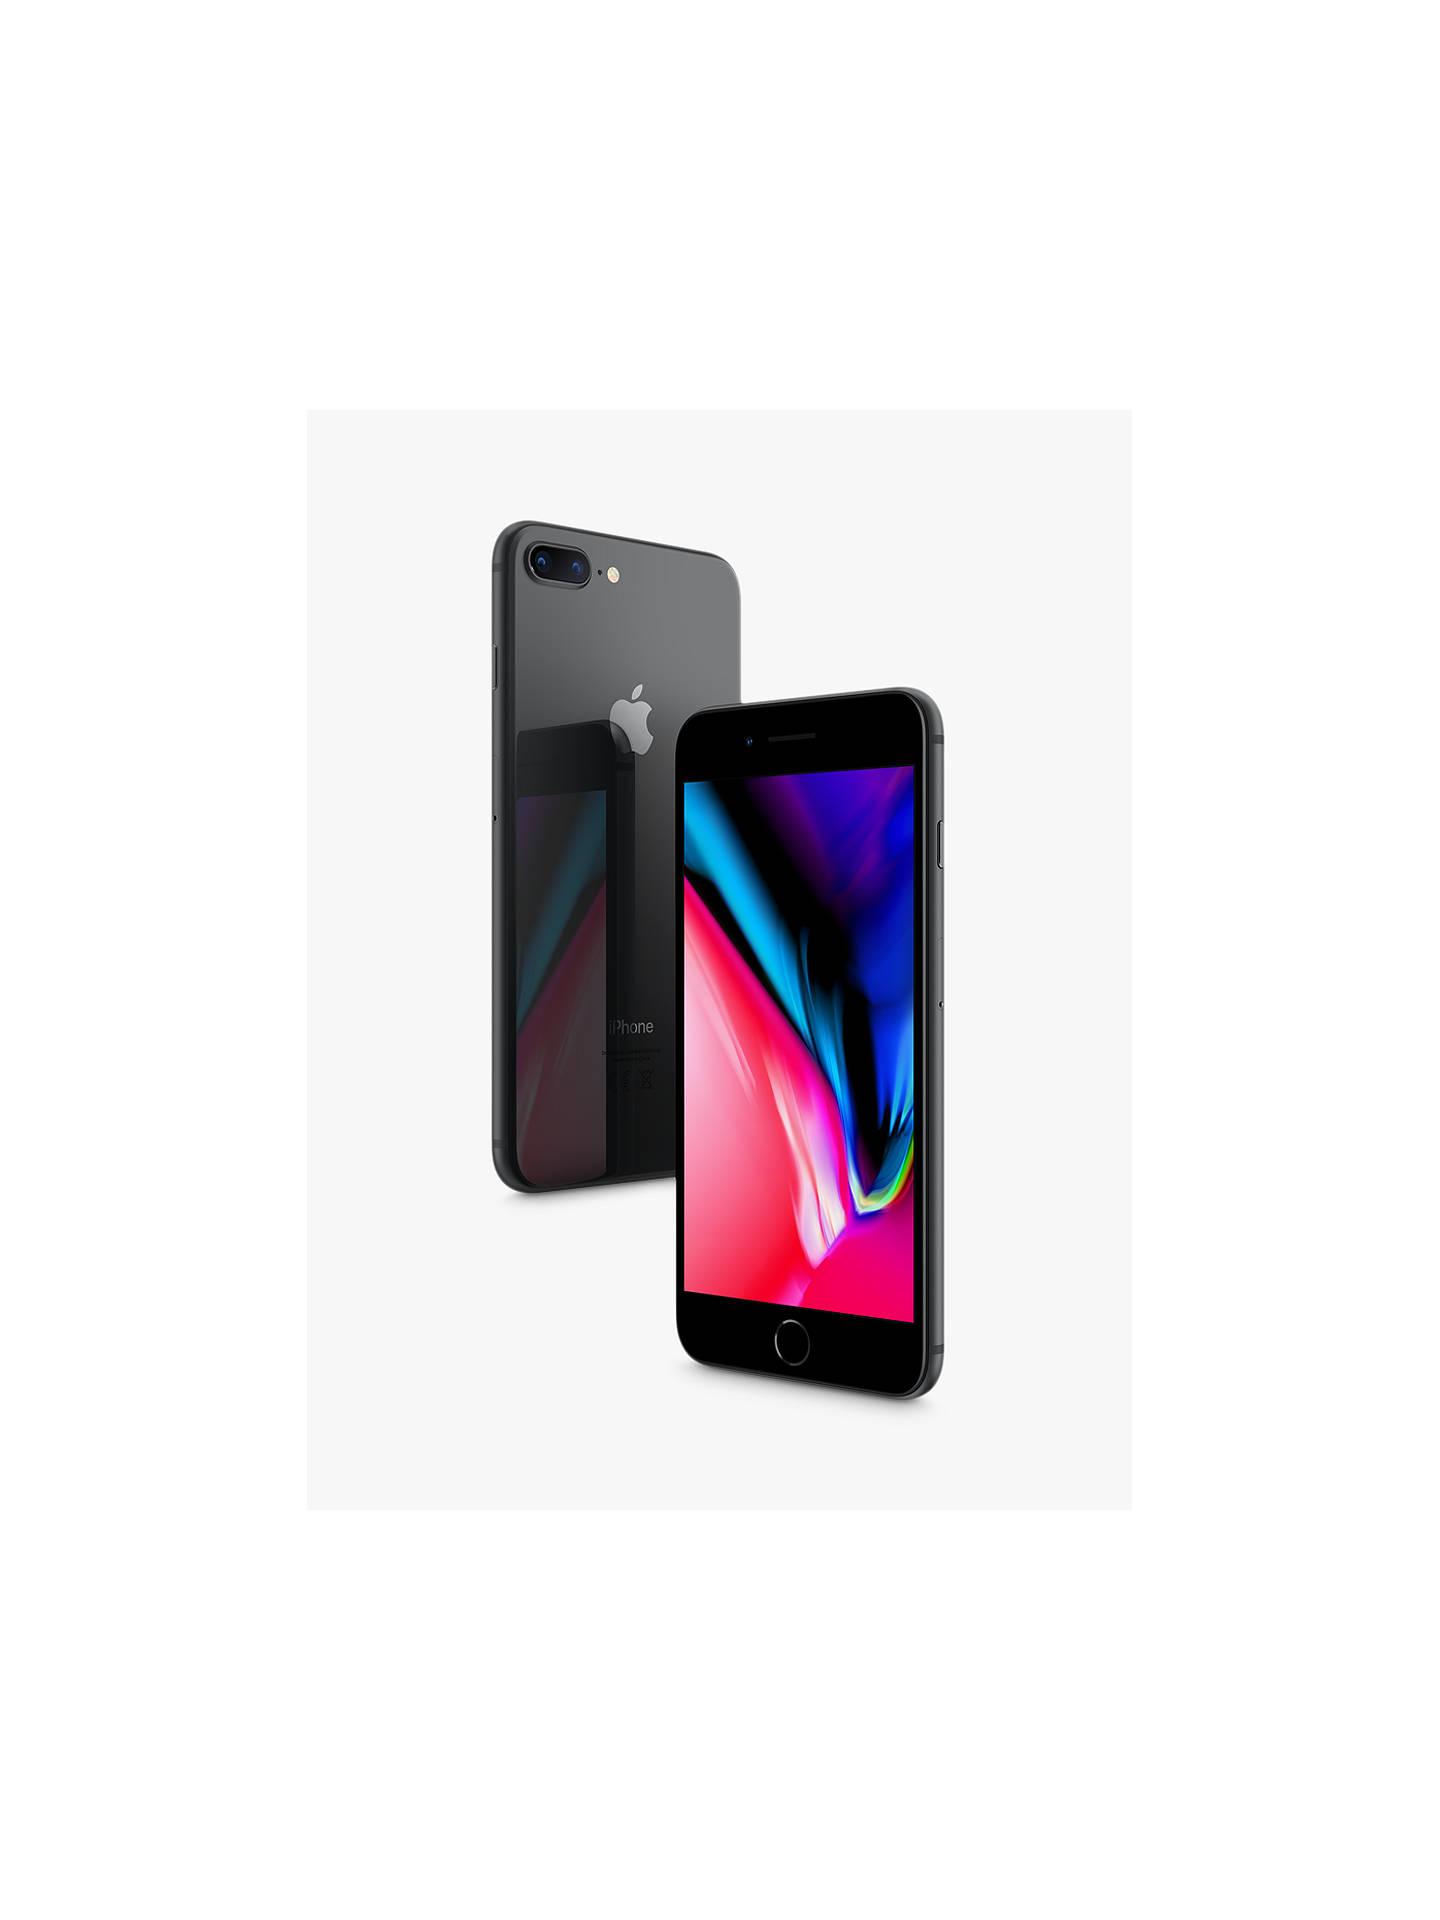 Apple iPhone 8 Plus, iOS 11, 5 5